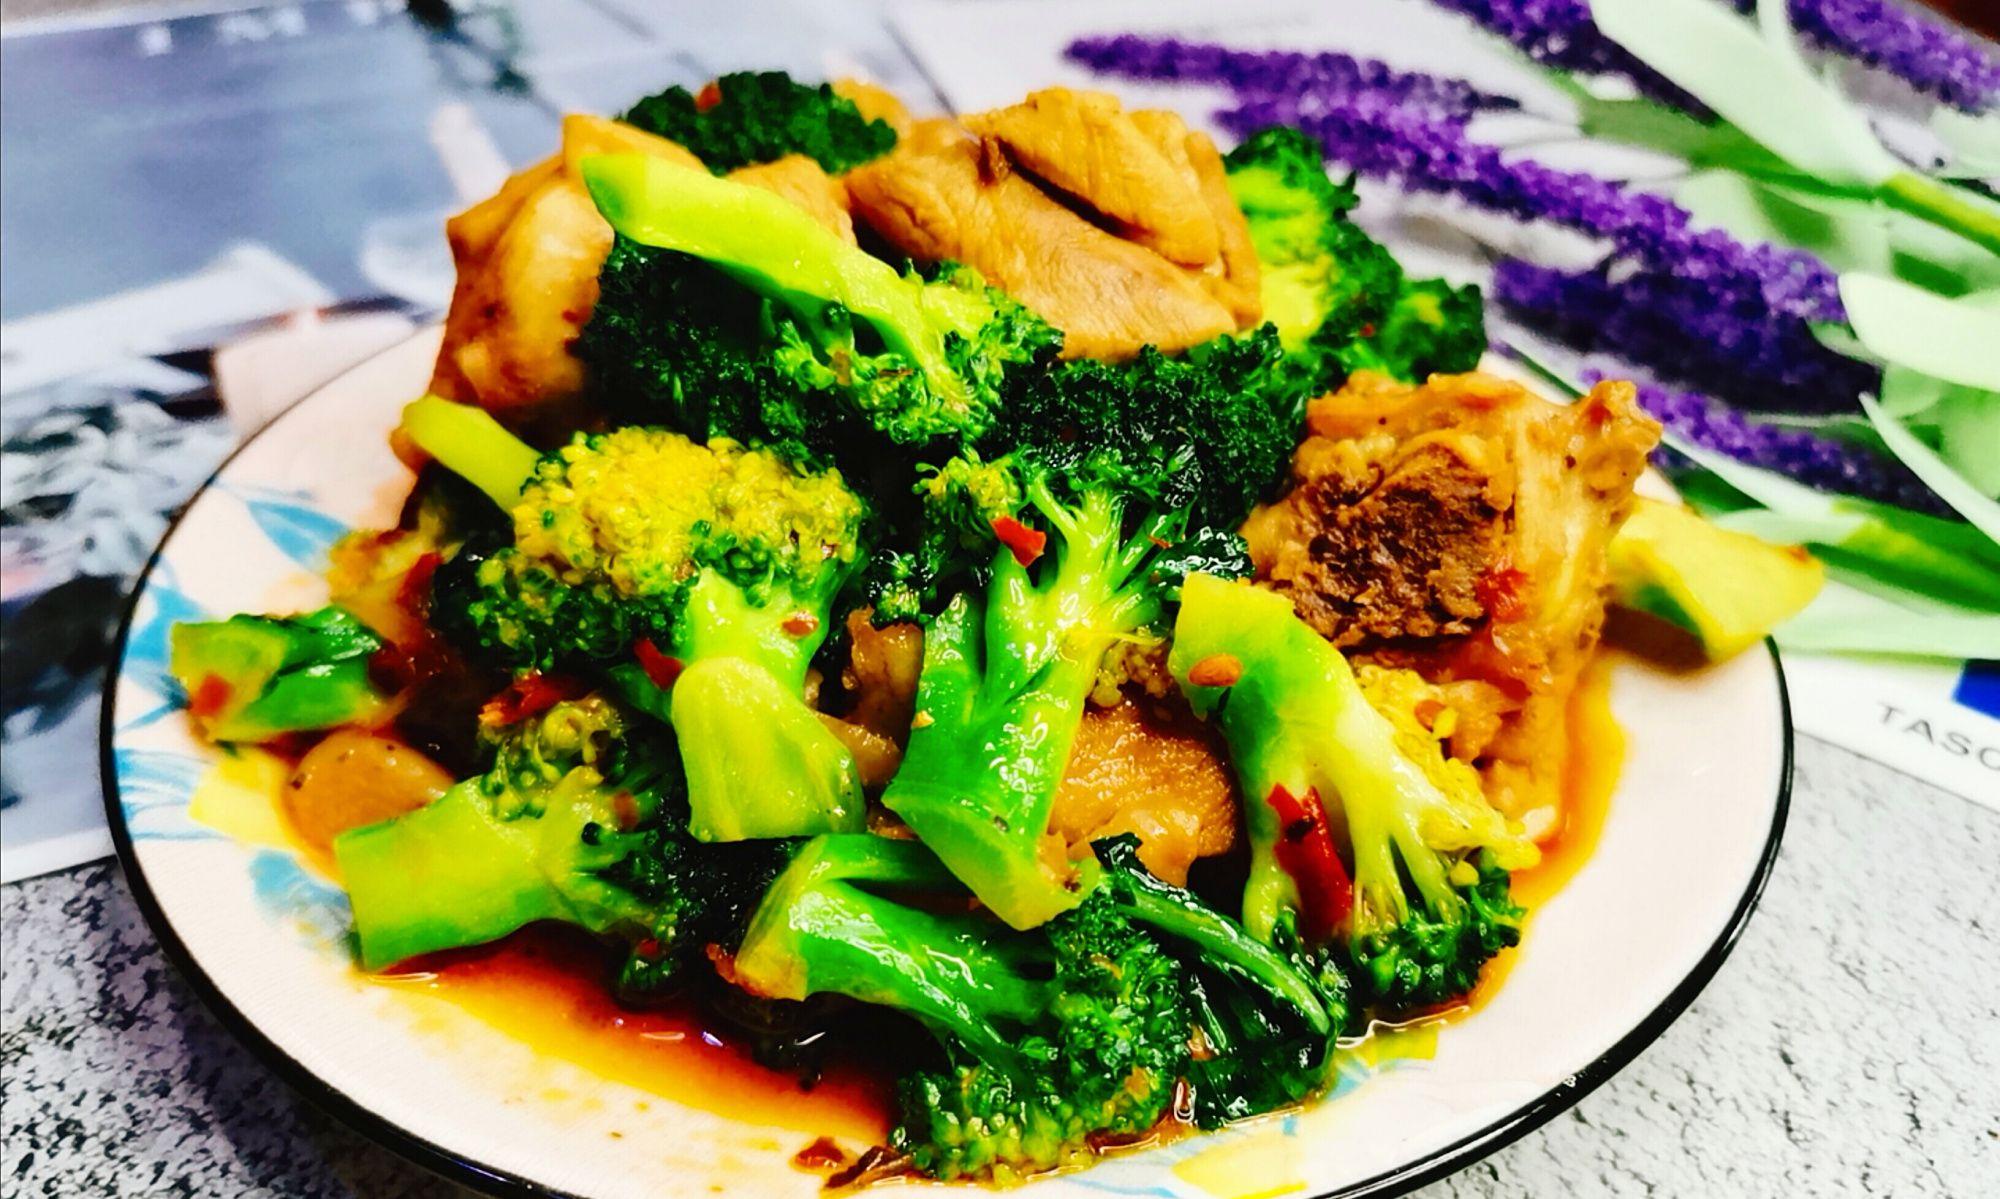 火锅味的鸡腿肉烧西兰花,肉质鲜嫩,微辣鲜香,好吃又入味